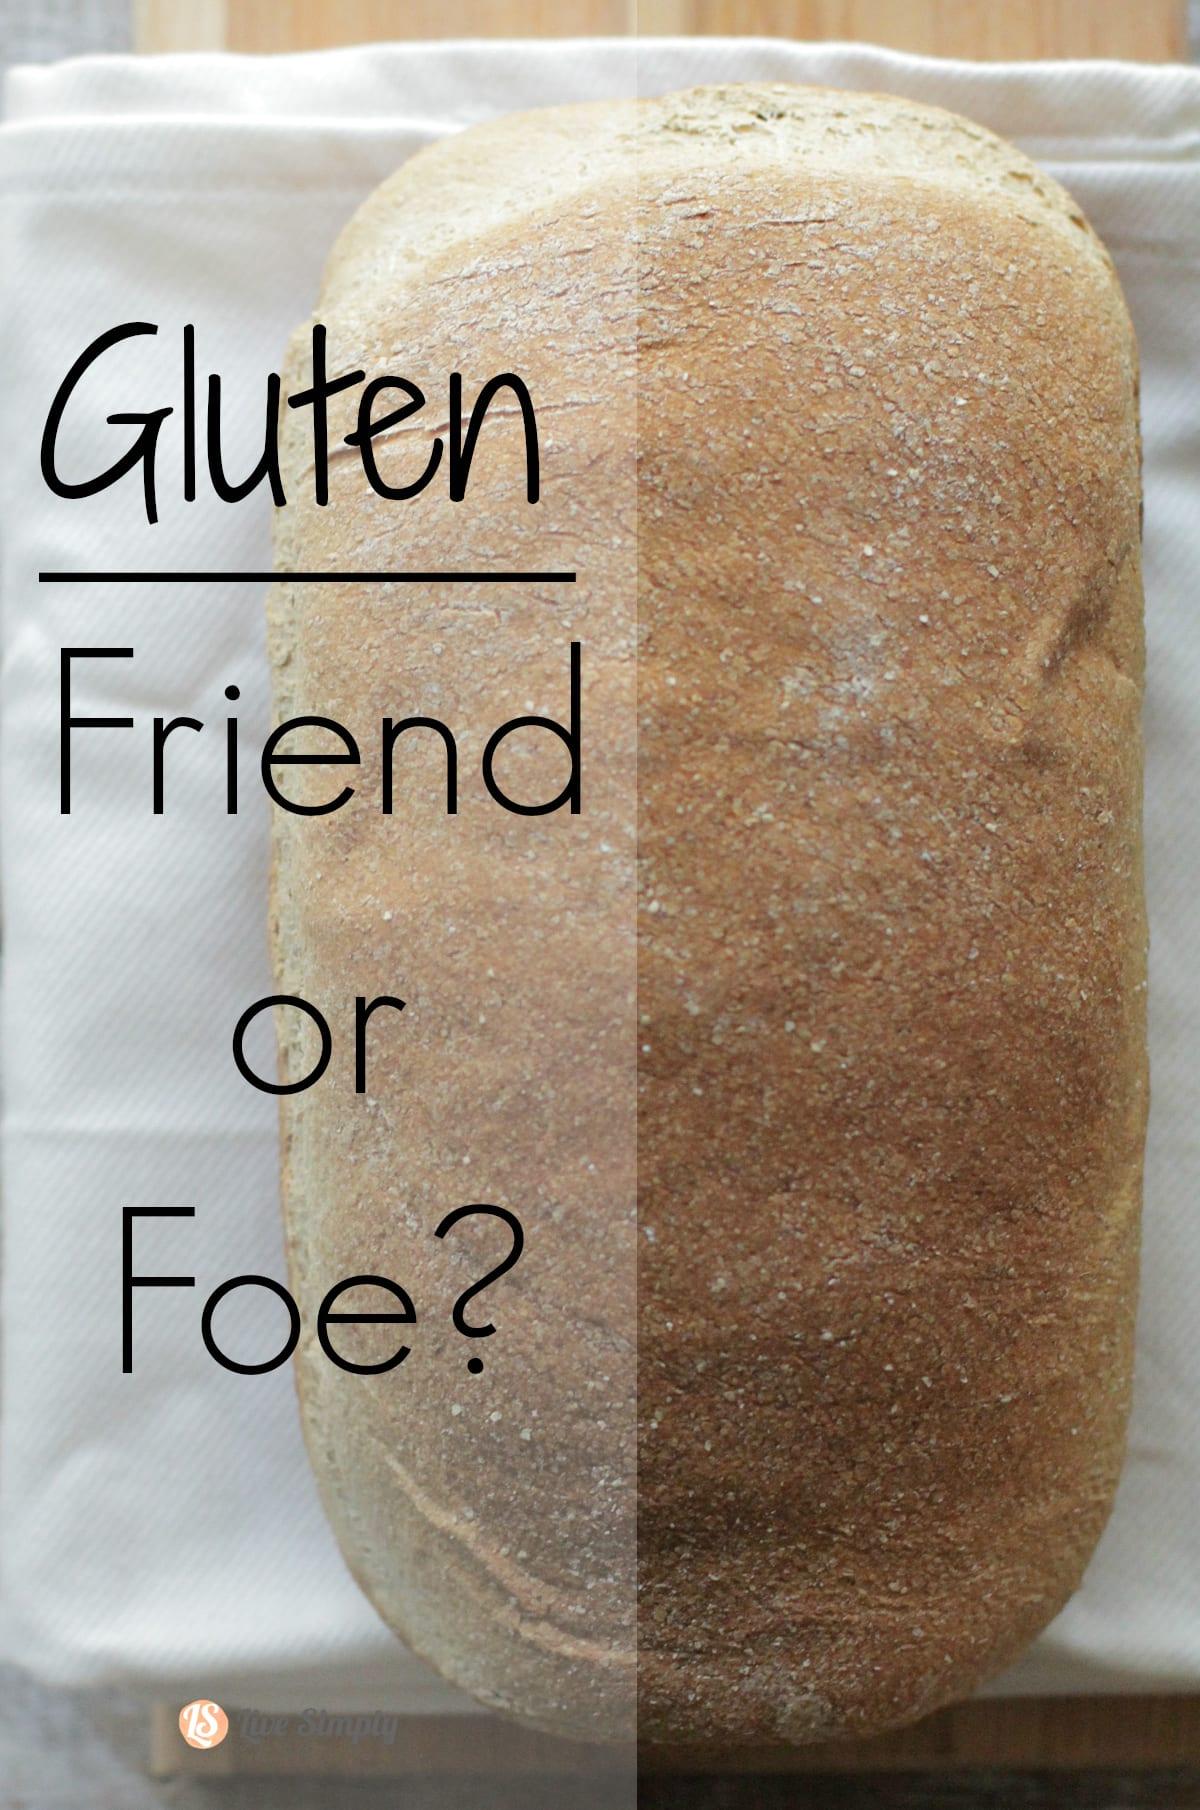 gluten friend or foe